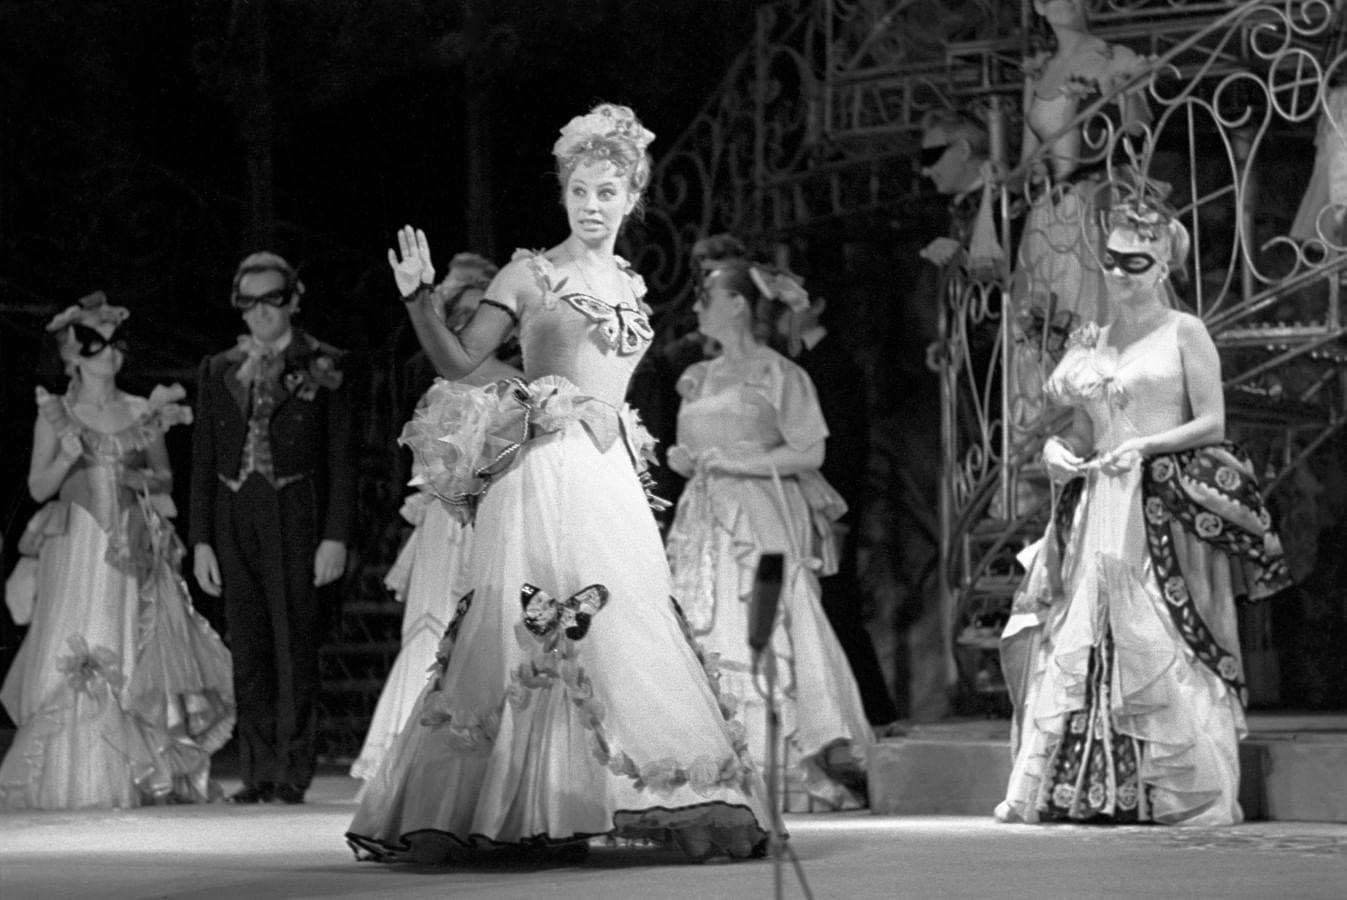 Оперетта «Летучая мышь». Московский государственный академический театр оперетты, 1974 год. Фотография: ТАСС